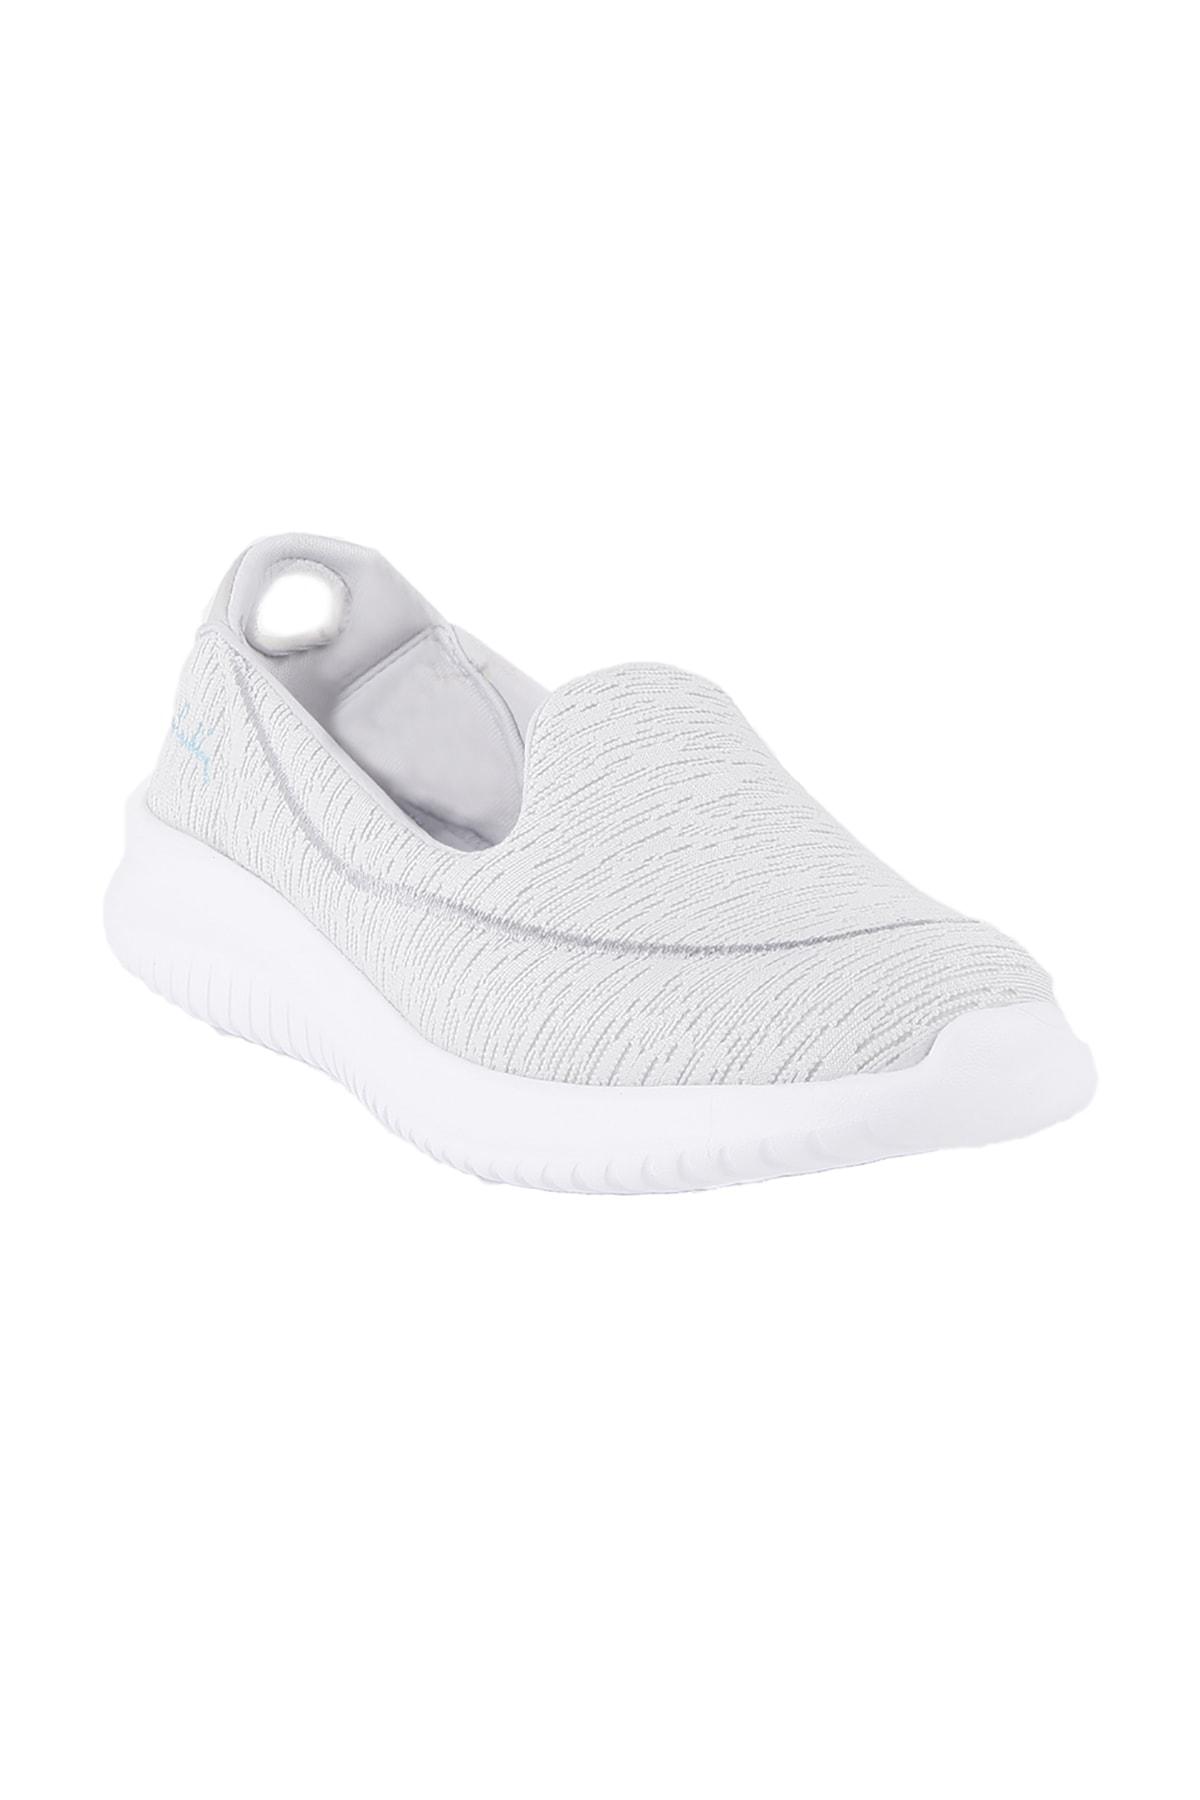 Pierre Cardin Kadın Spor Ayakkabı PC-30168 Gri/Grey 20S04PC30168 2